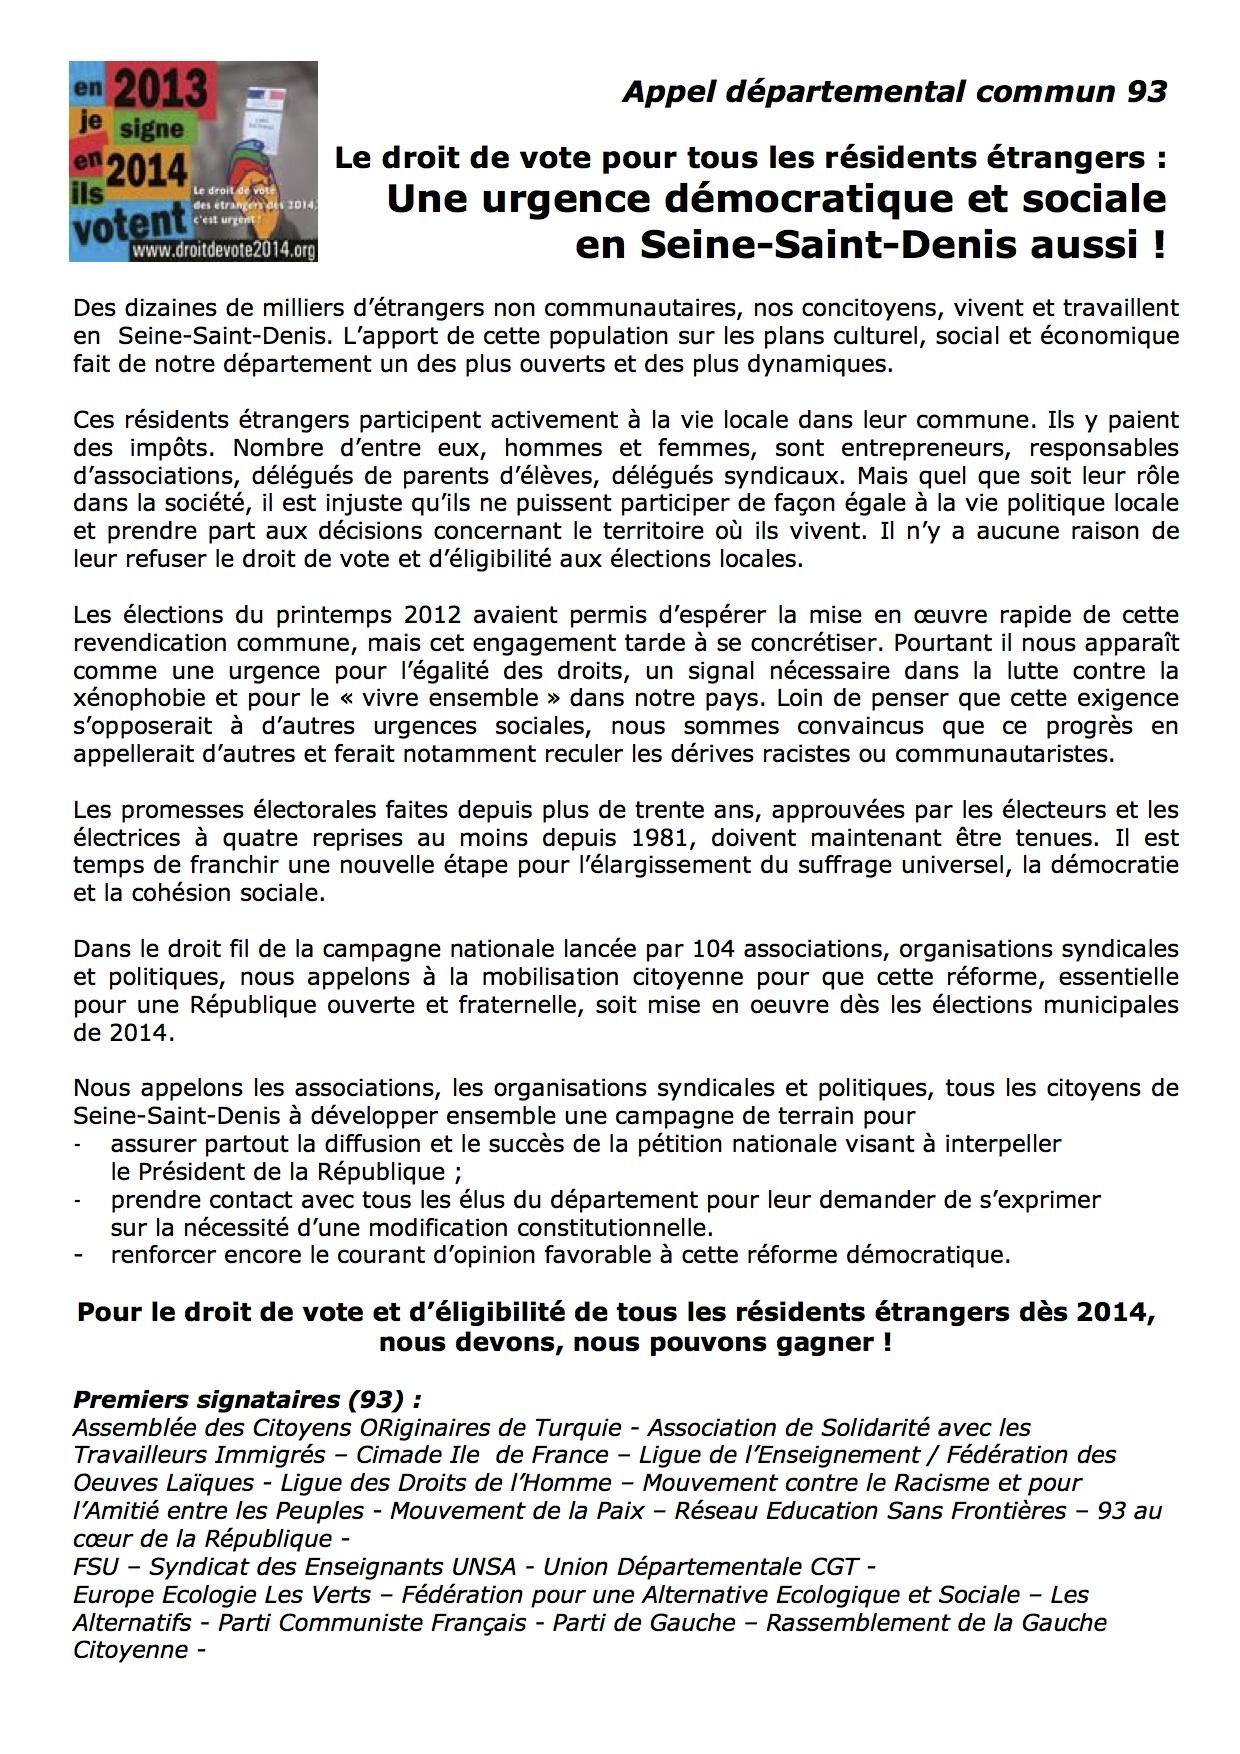 Appel départemental droit de vote 2014 - 30_1_13